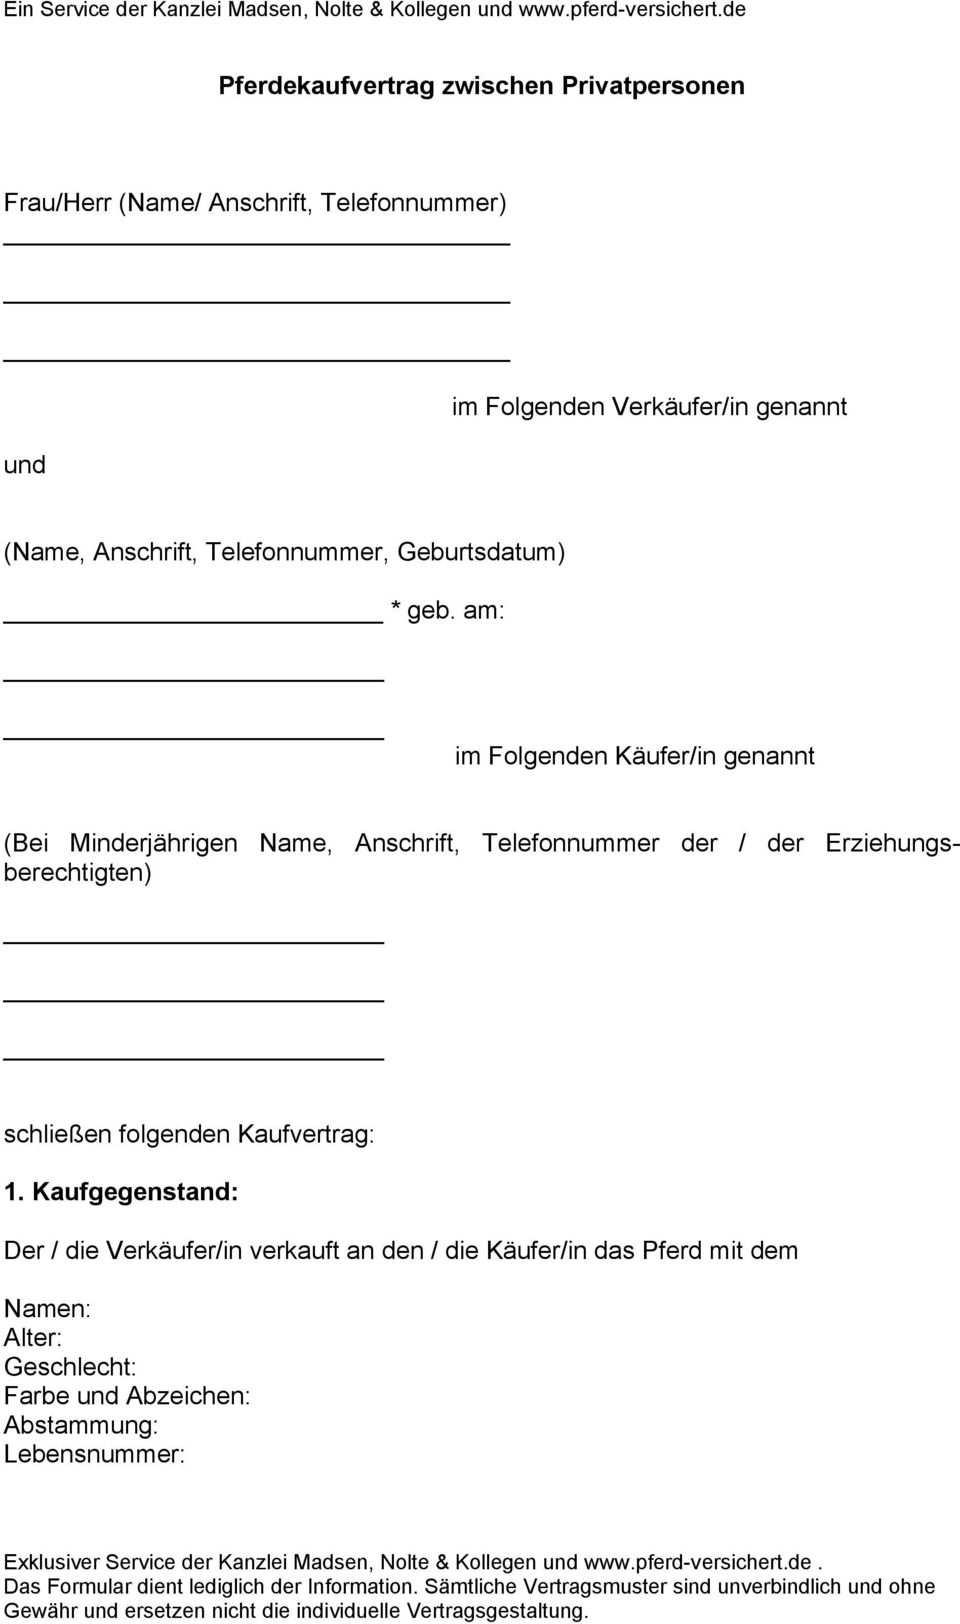 Pferdekaufvertrag Zwischen Privatpersonen Pdf Free Download